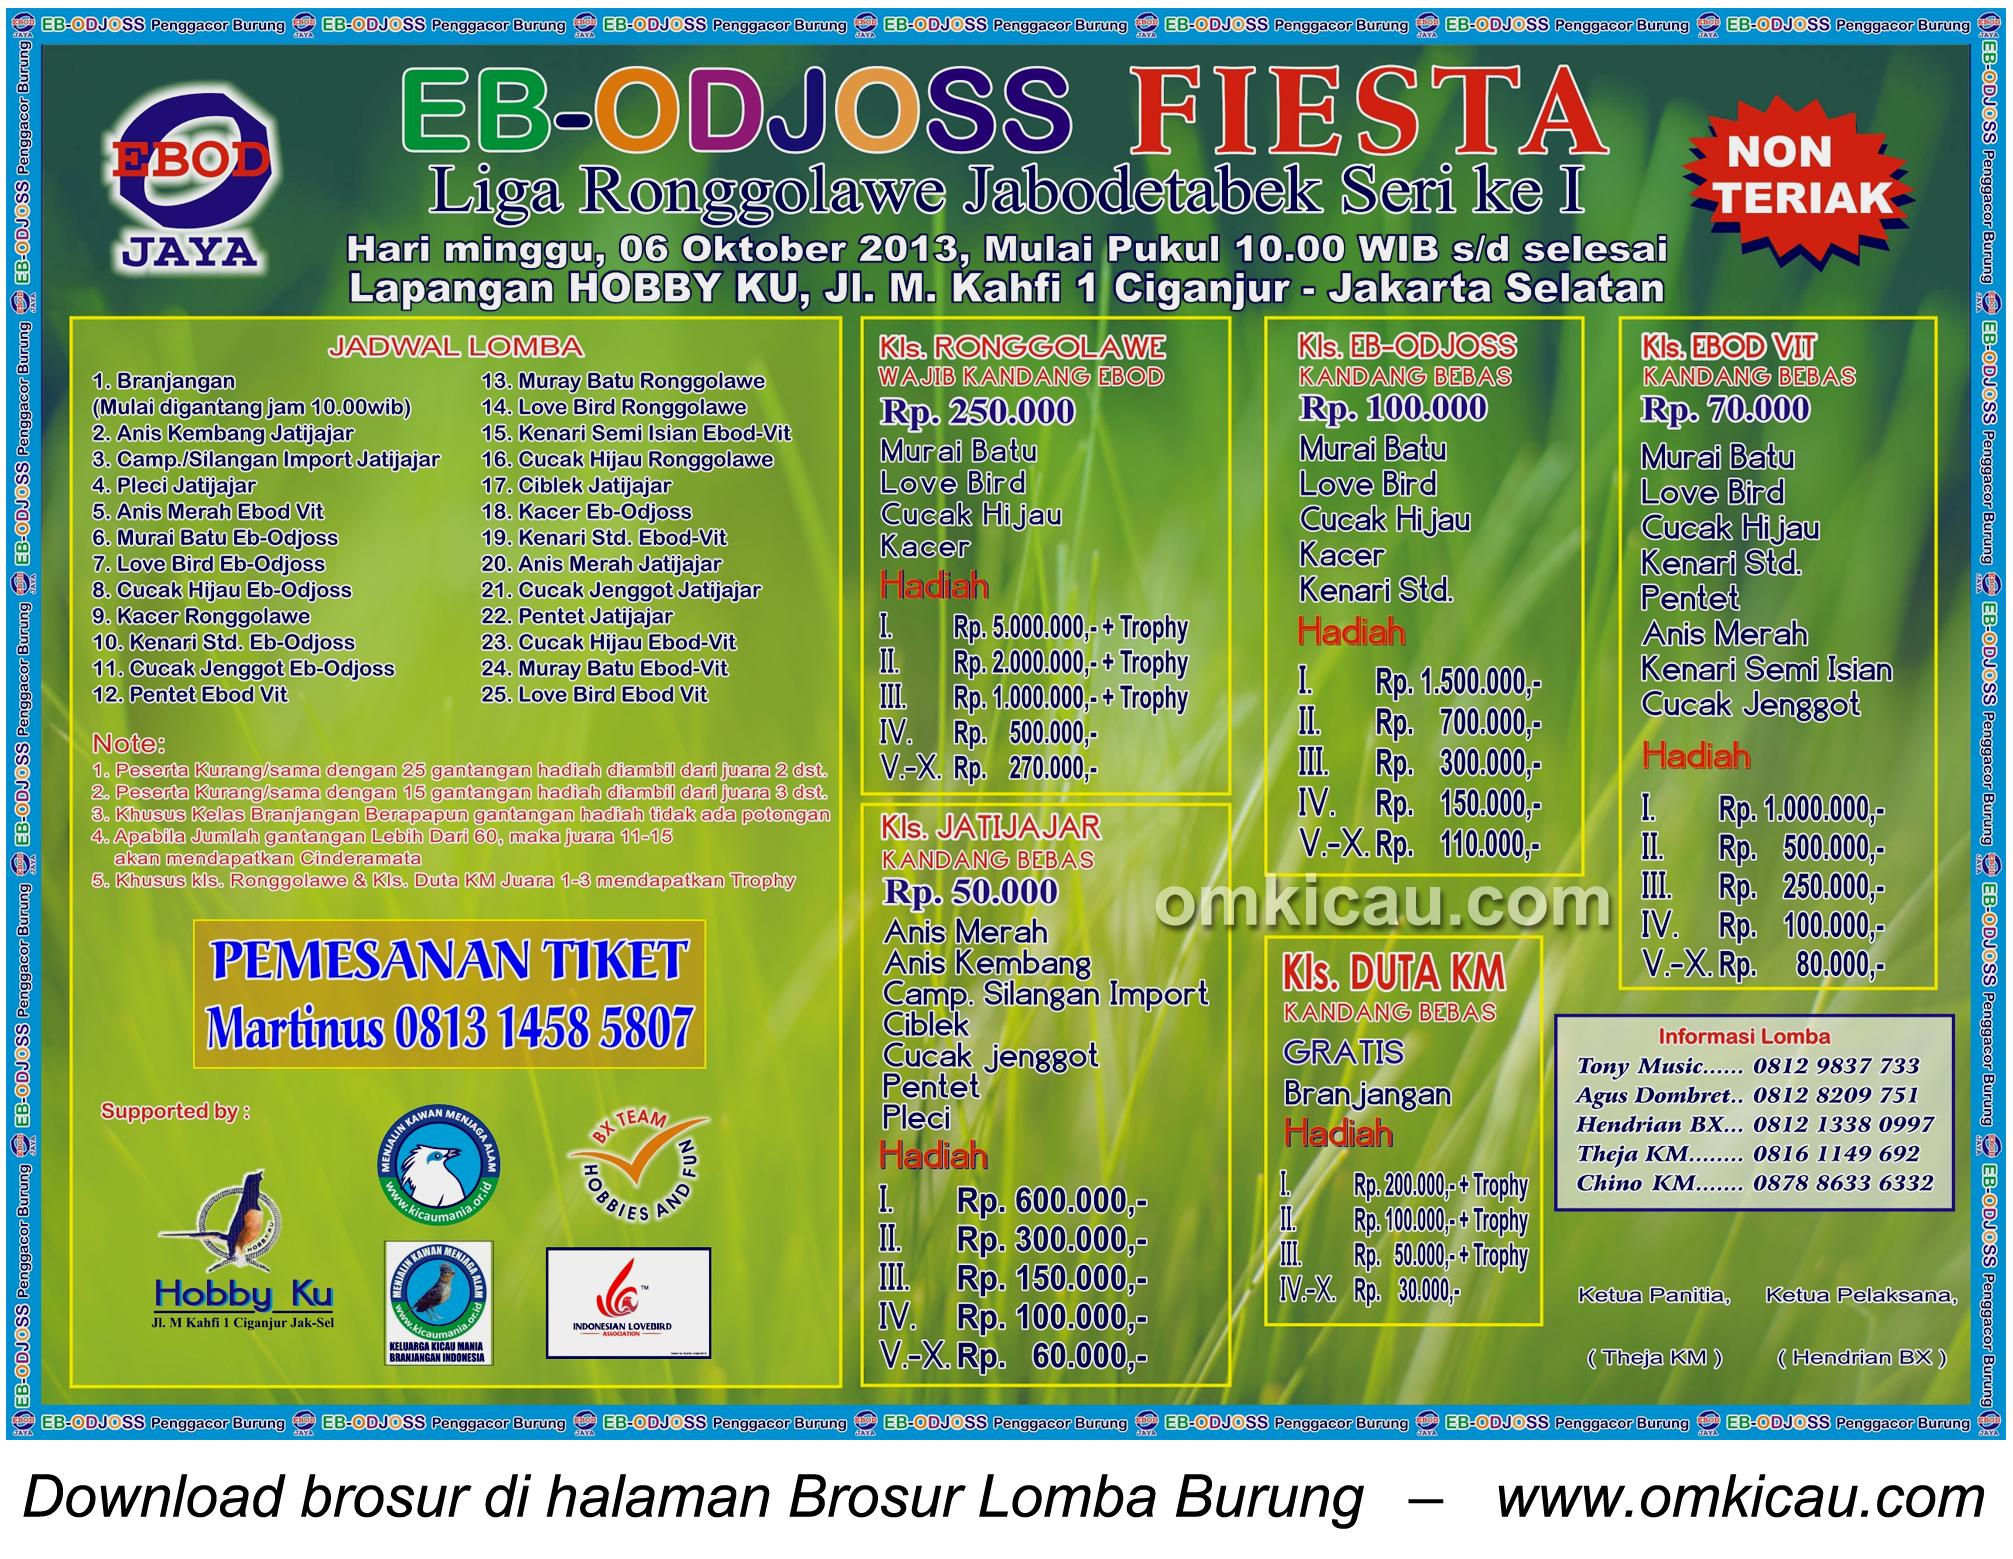 Brosur Lomba Burung EB-Odjoss Fiesta - Jakarta - 6 Oktober 2013